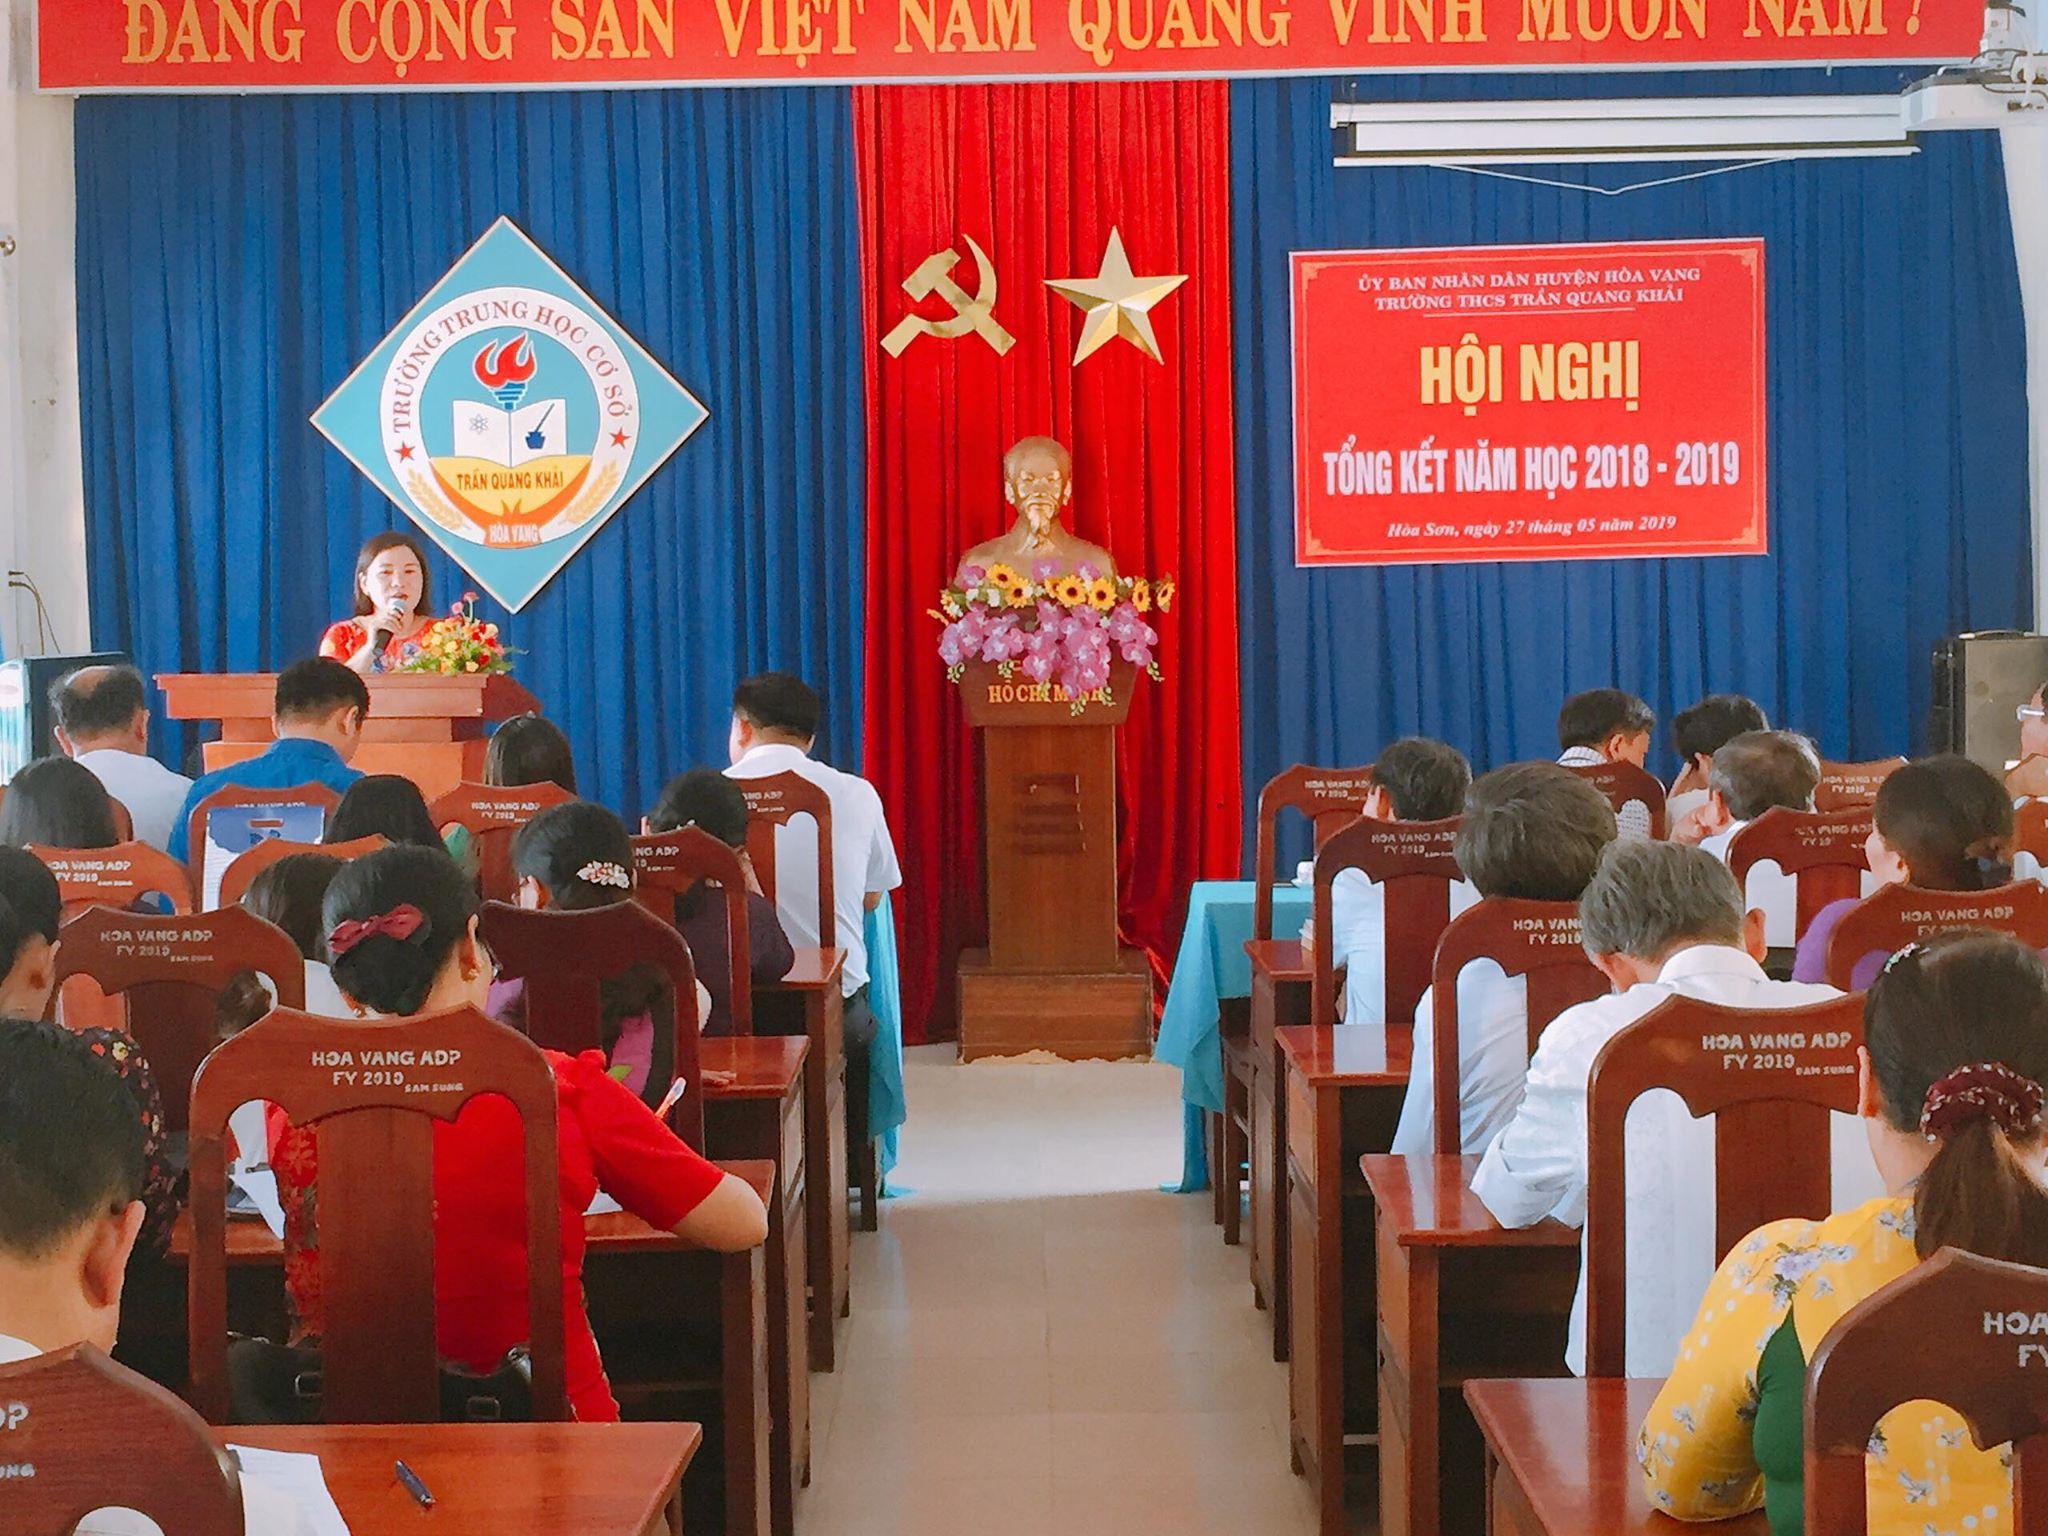 Hội nghị tổng kết năm học 2018 - 2019